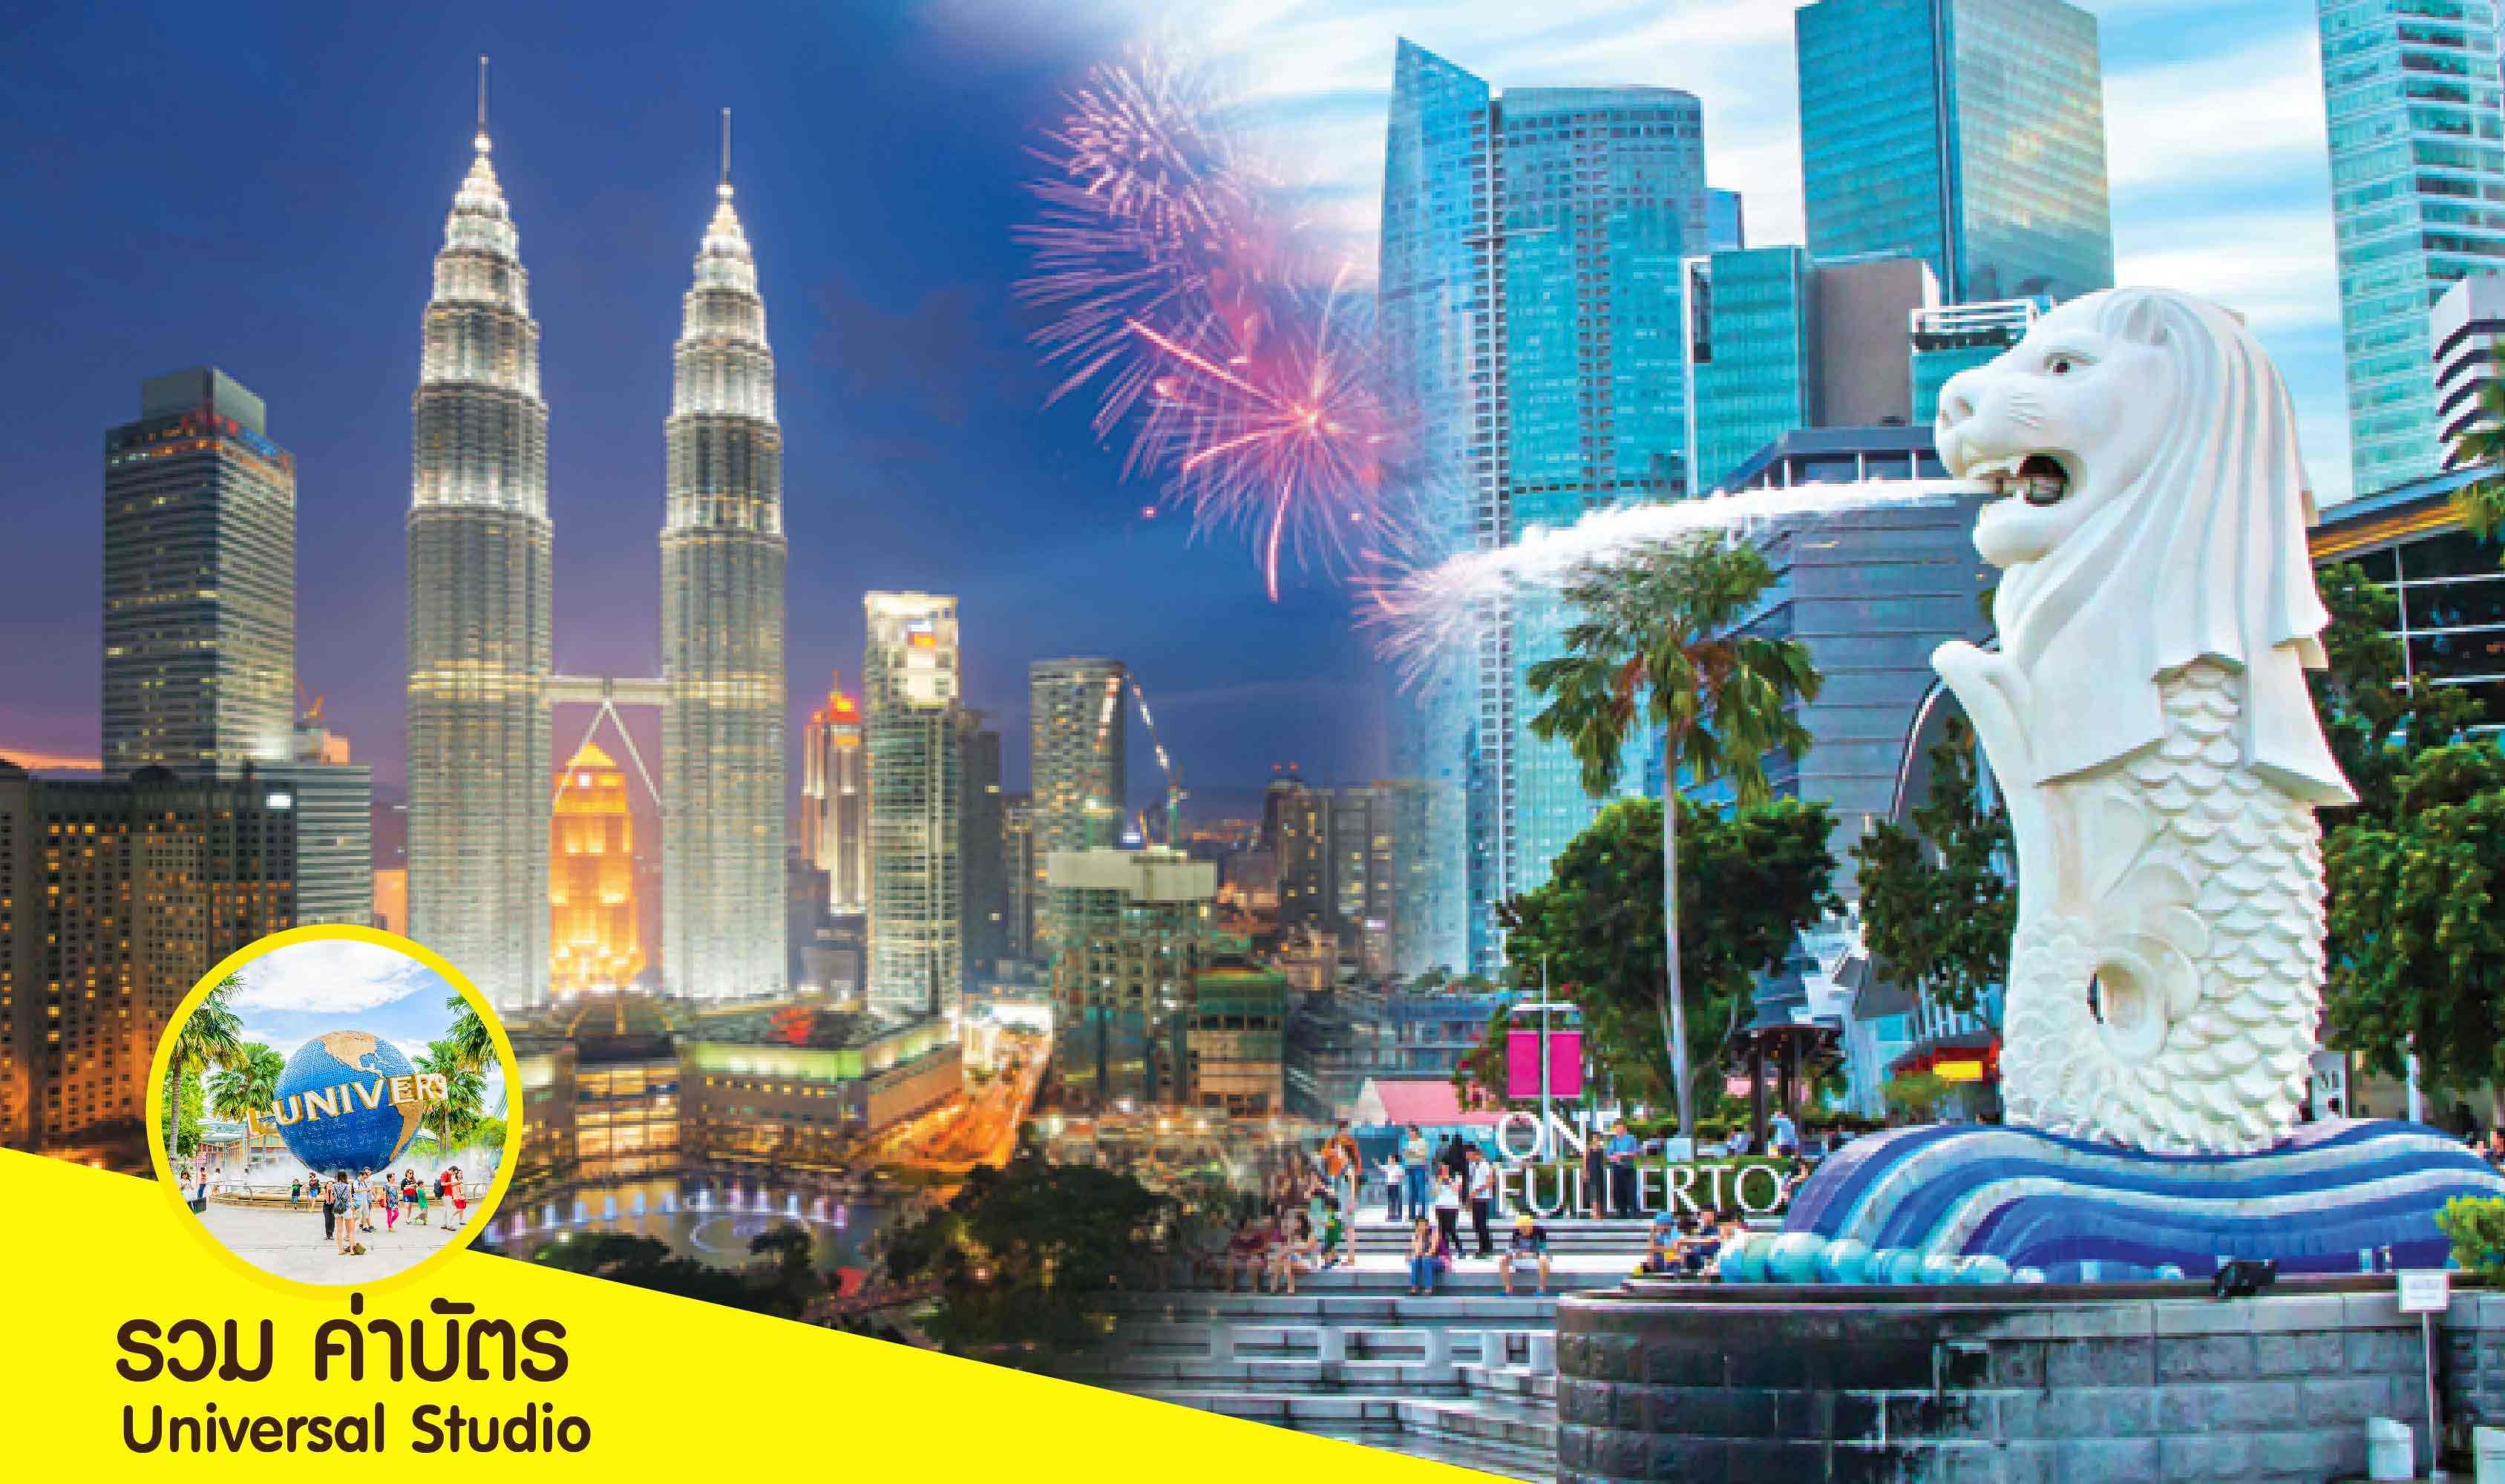 ทัวร์มาเลเซีย (รวมUniversal) MALAYSIA 4 วัน 3 คืน บิน(FD)